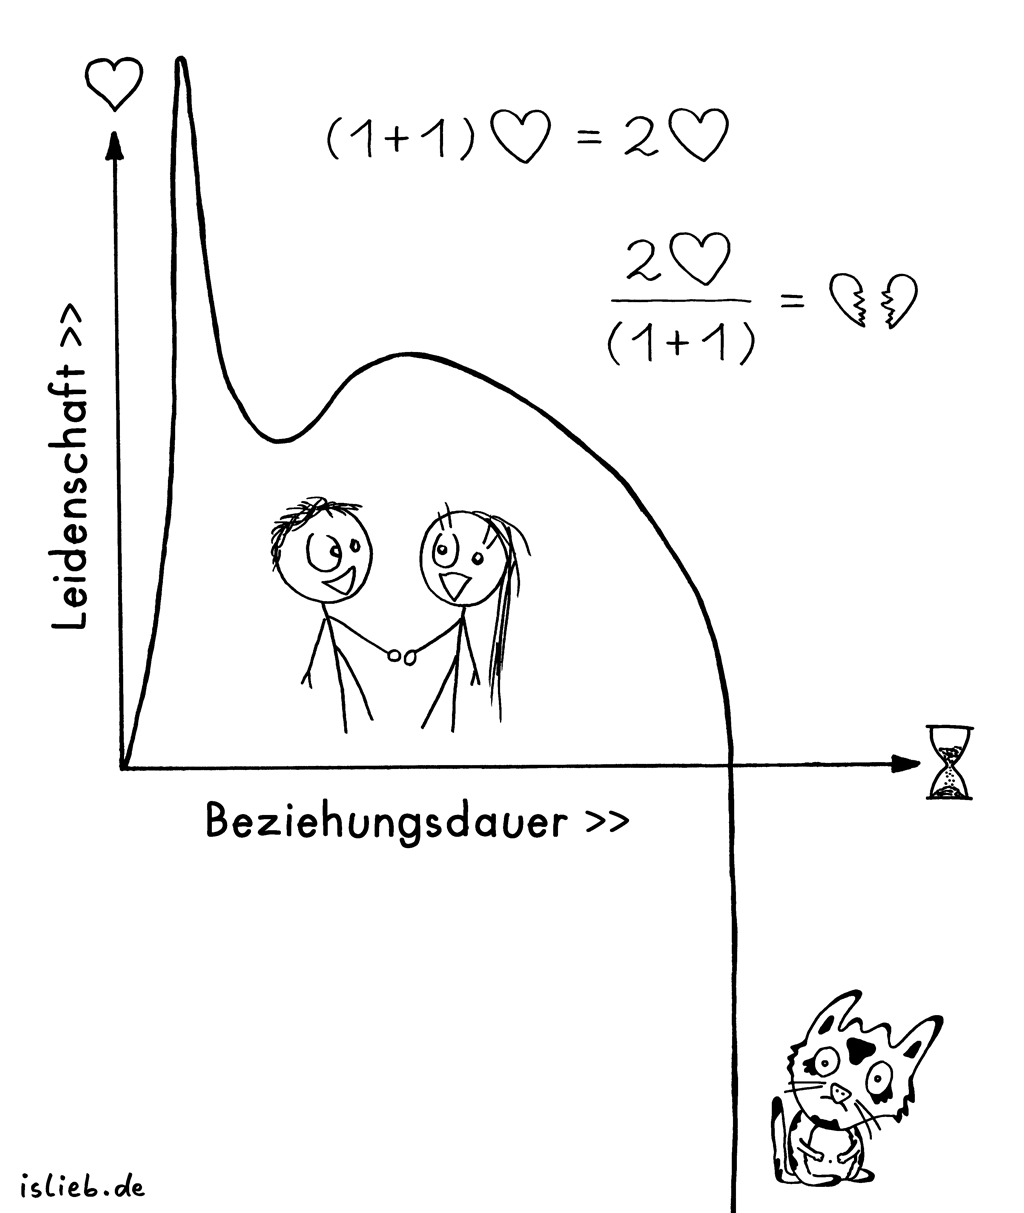 Beziehung | Analytischer Ansatz | is lieb? | Mathematik, Formel, Koordinatensystem, Liebe, Leidenschaft, Beziehung, Trennung, Bruch, Gleichung